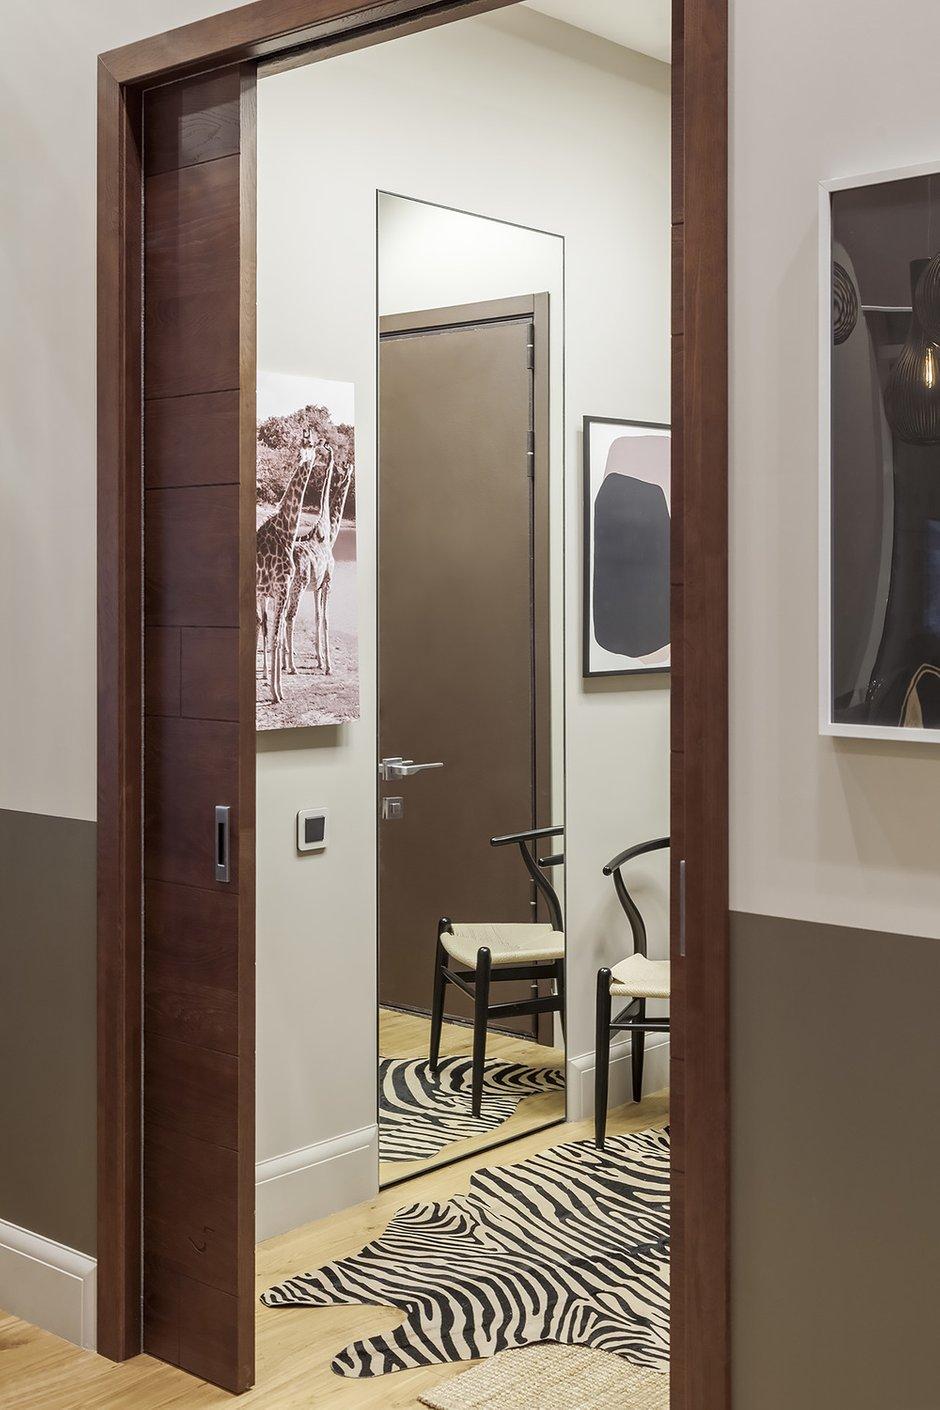 Фотография: Прихожая в стиле Современный, Квартира, Проект недели, Москва, Диана Мальцева, Монолитный дом, 2 комнаты, 60-90 метров – фото на INMYROOM